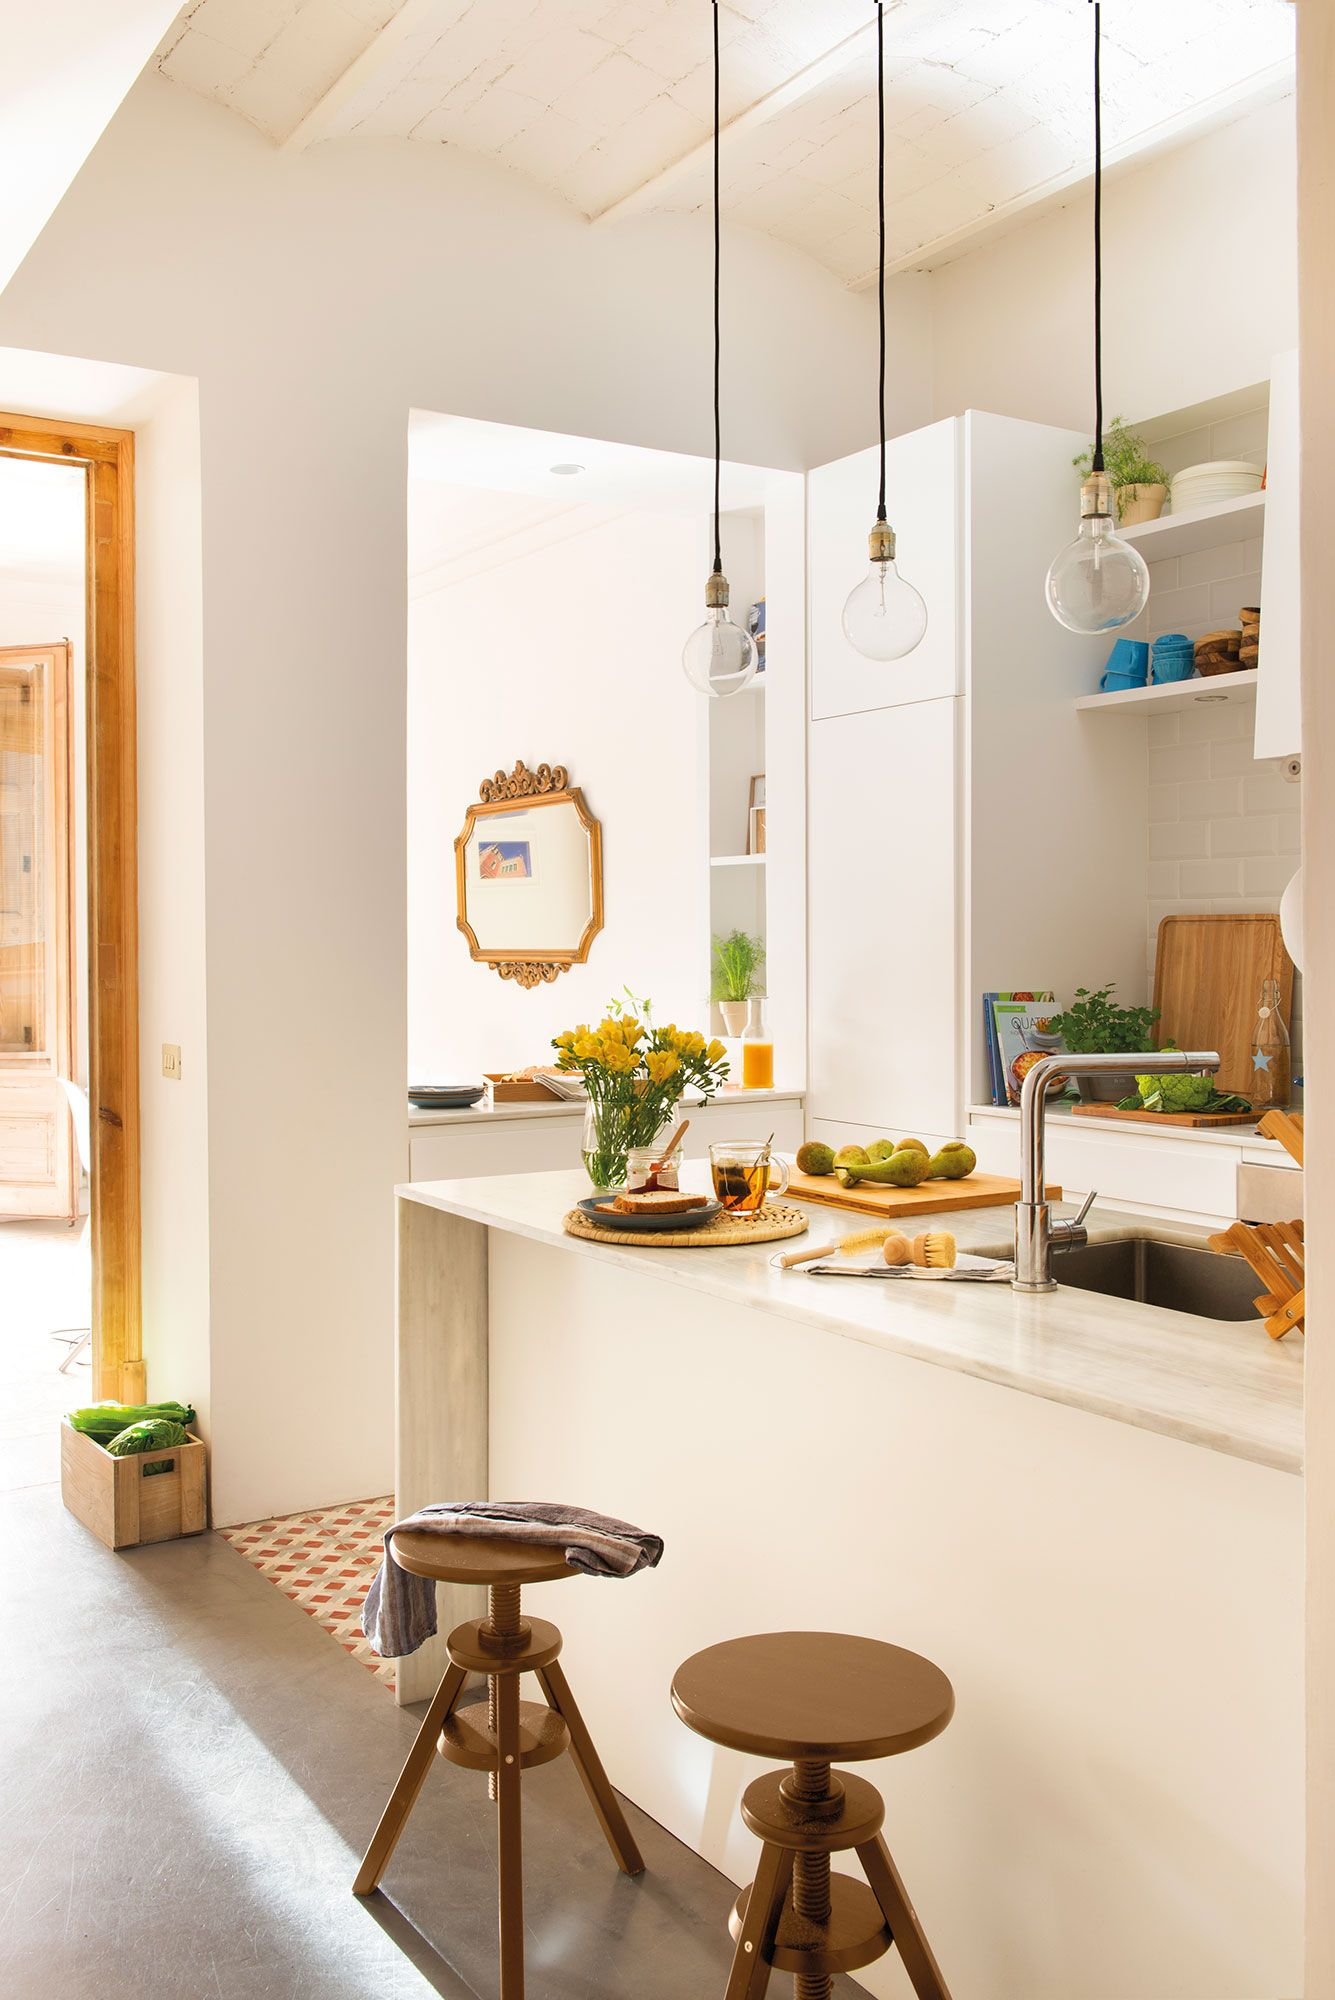 Cocina Peque A En Blanco Abierta Al Sal N Casa Vaguadas  # Muebles Boj Gijon